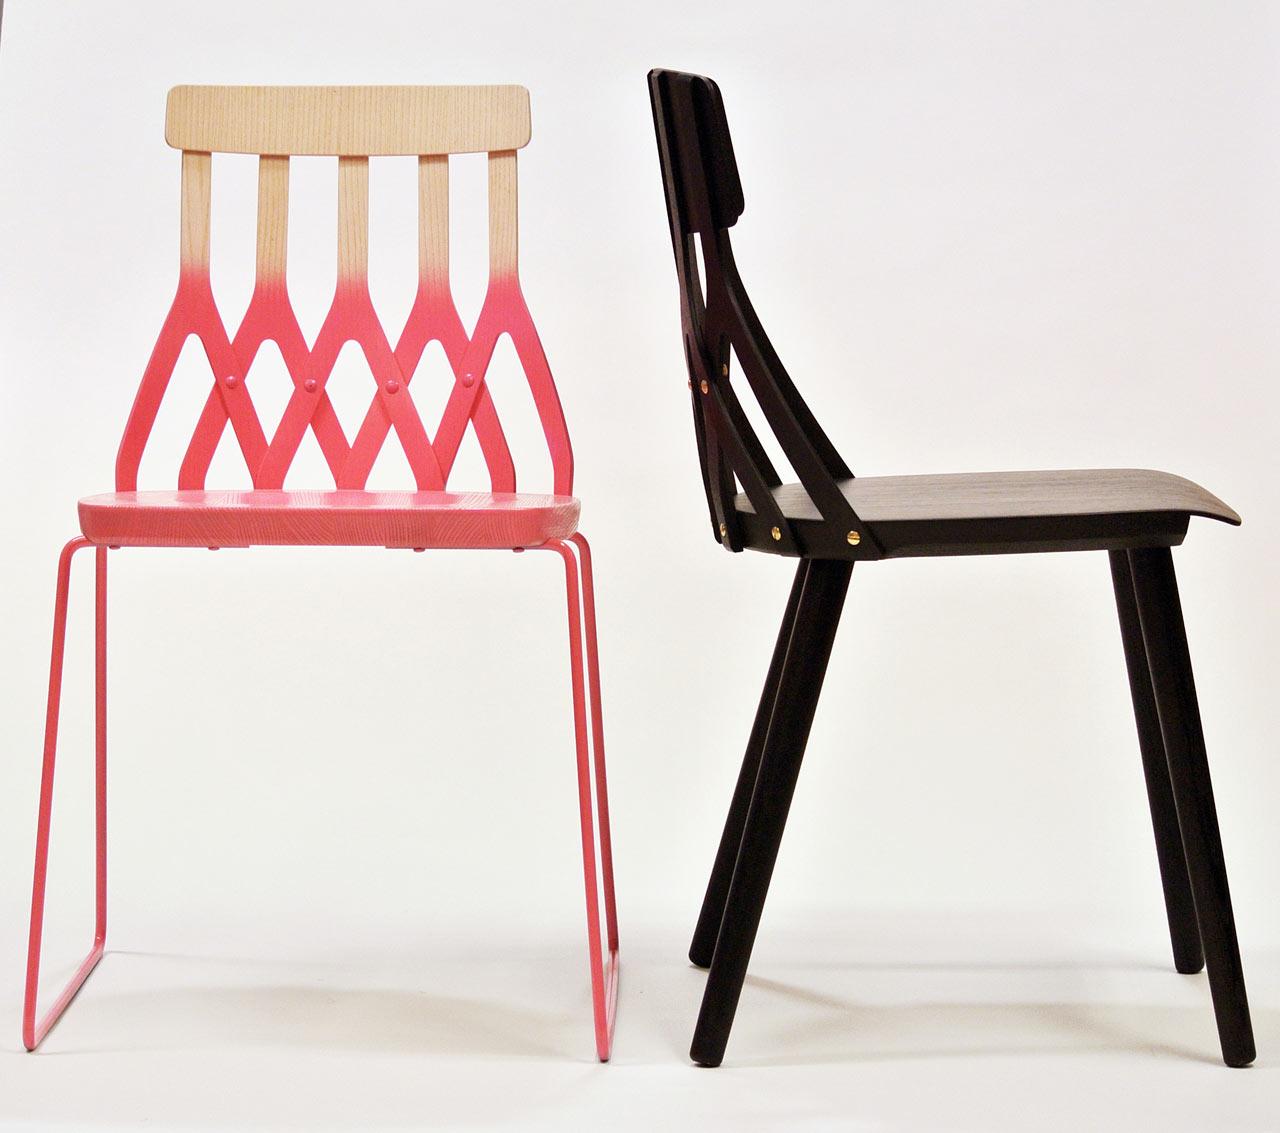 y5-chair-modern-sami-kallio-pink-black